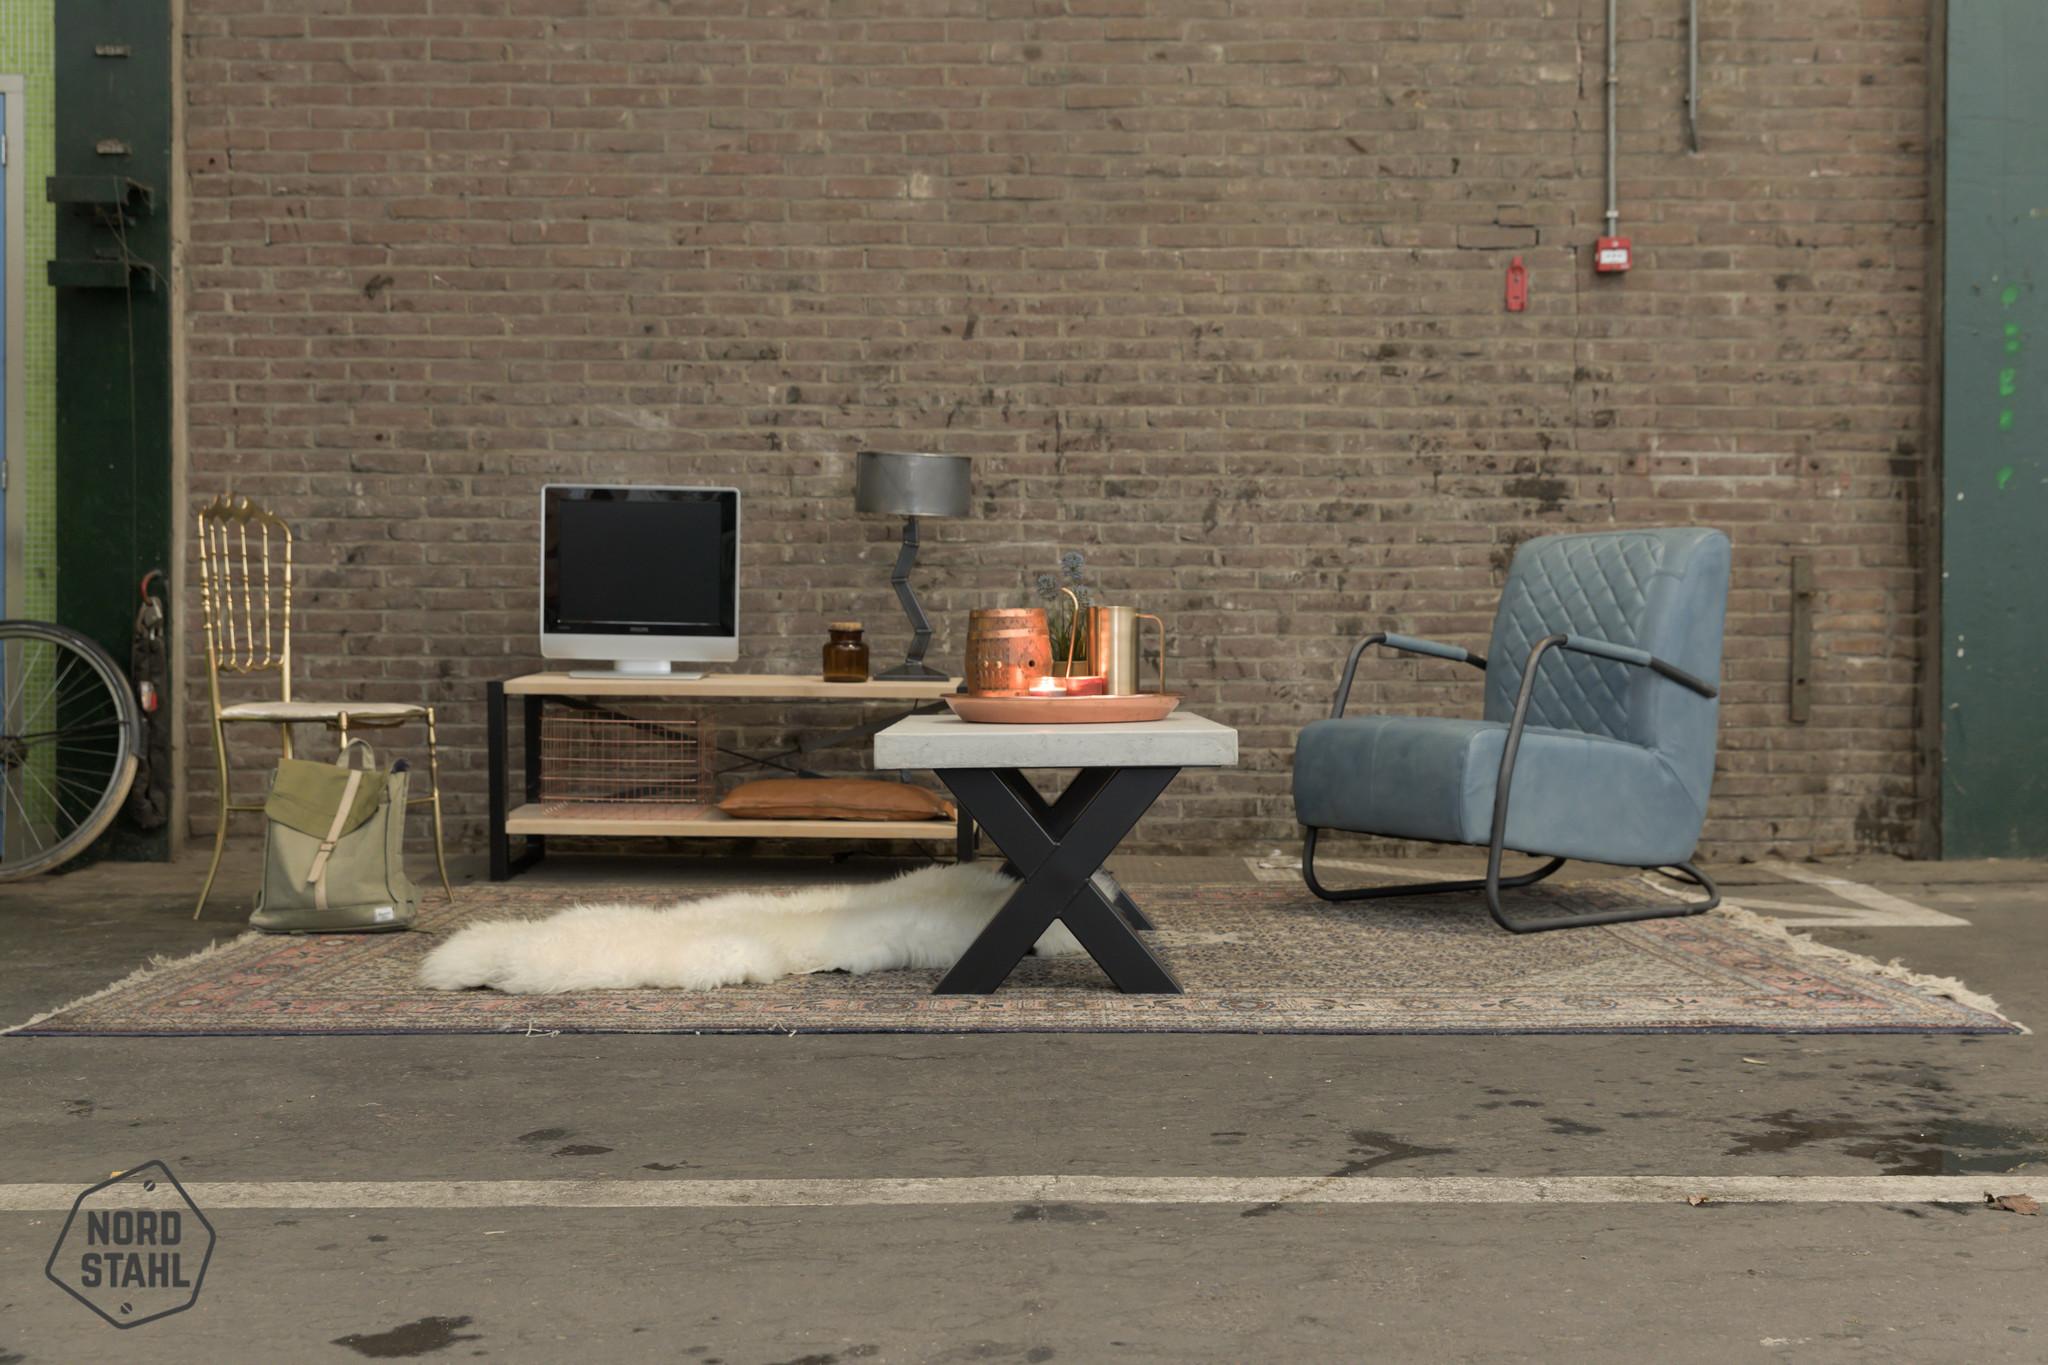 Nordstahl Stoere stalen salon kruispoten gemaakt uit kokers 8x8 cm, los verkrijgbaar